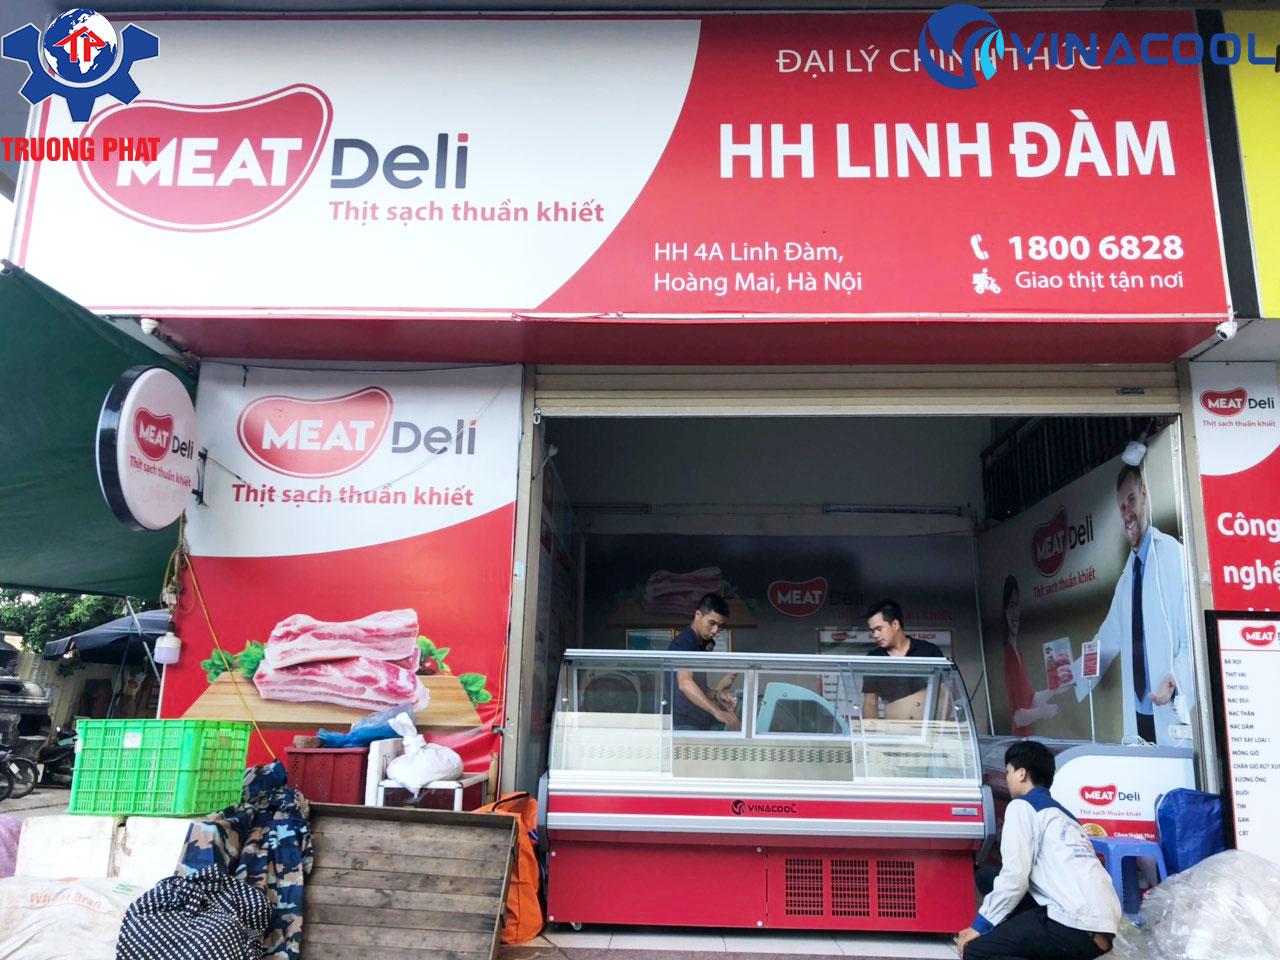 cửa hàng Meat Deli linh đàm